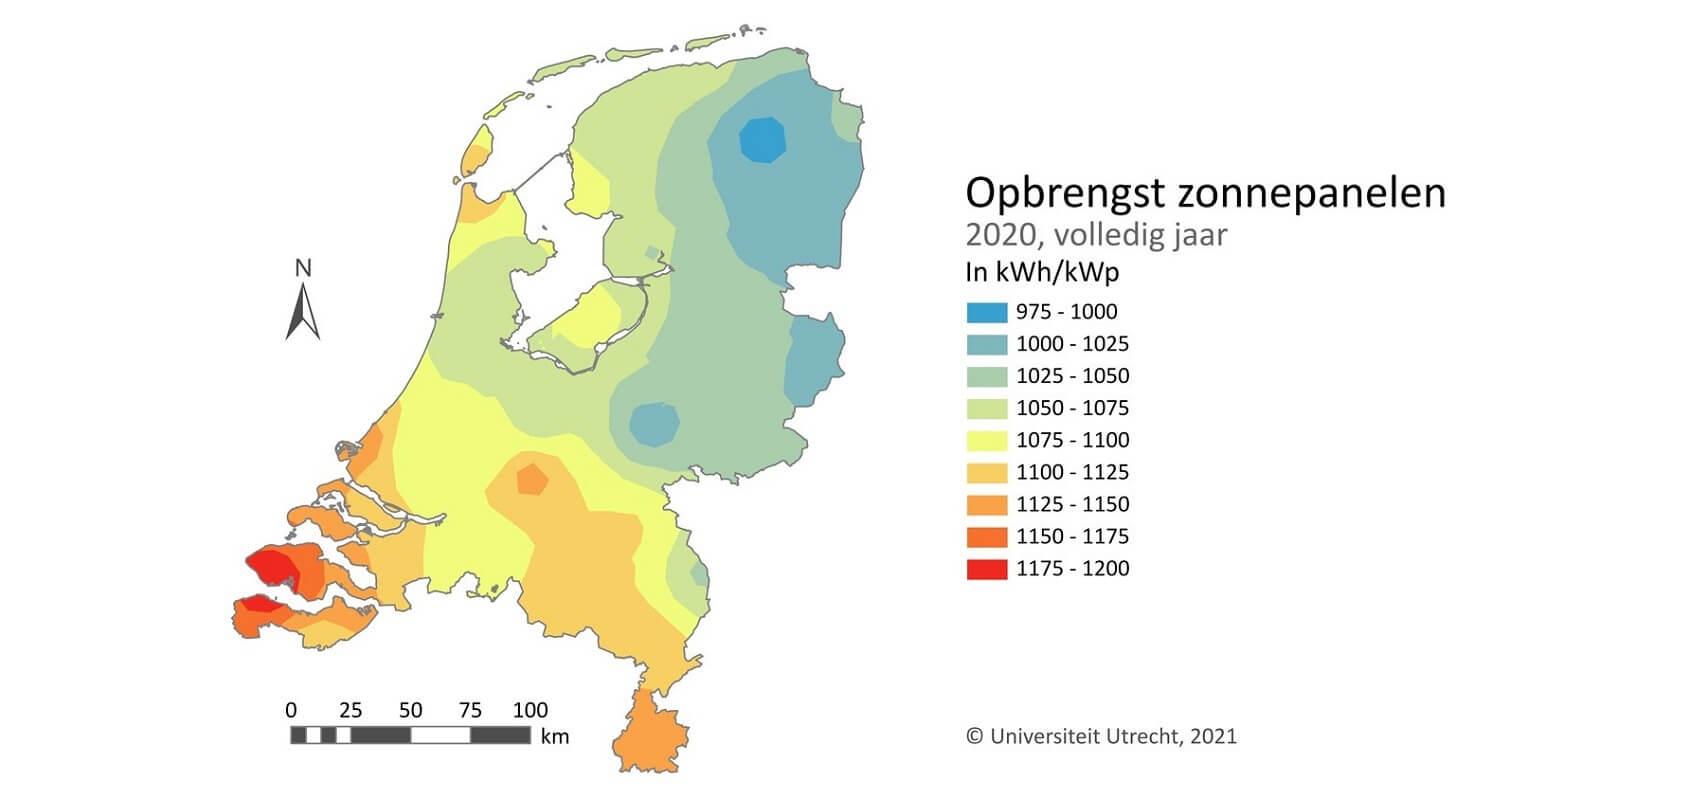 aart opbrengst zonnepanelen 2020